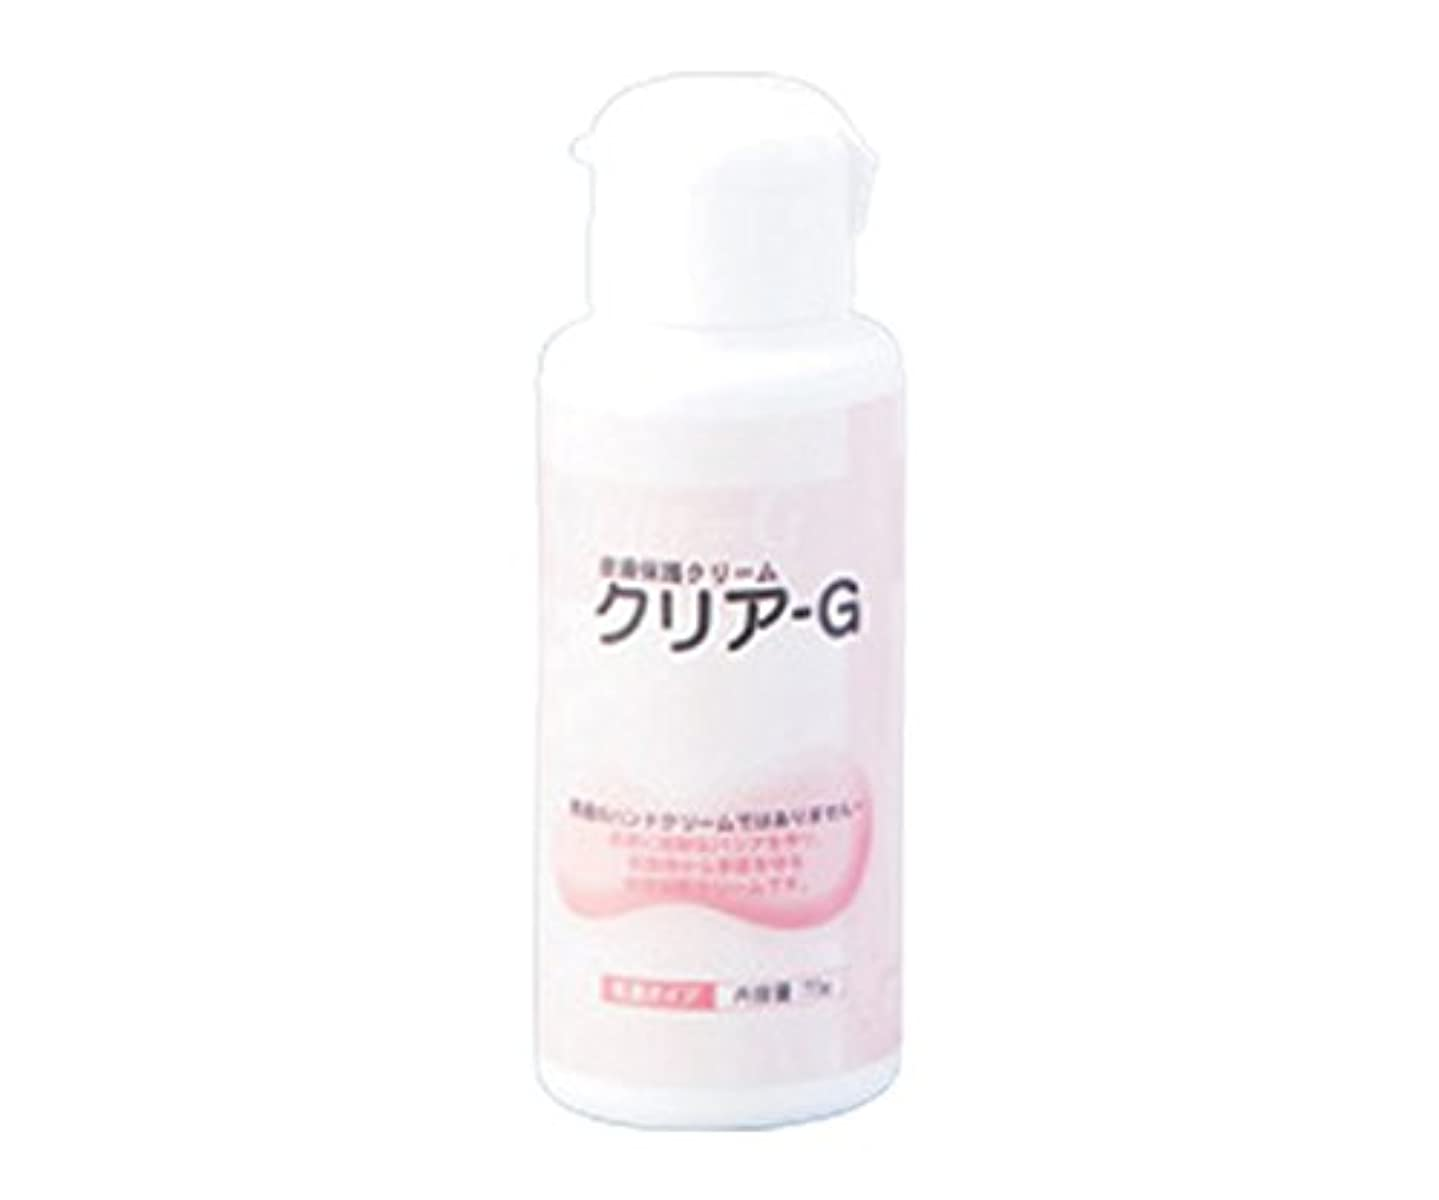 アルネソブリケット編集する皮膚保護クリーム(クリア-G) 70g